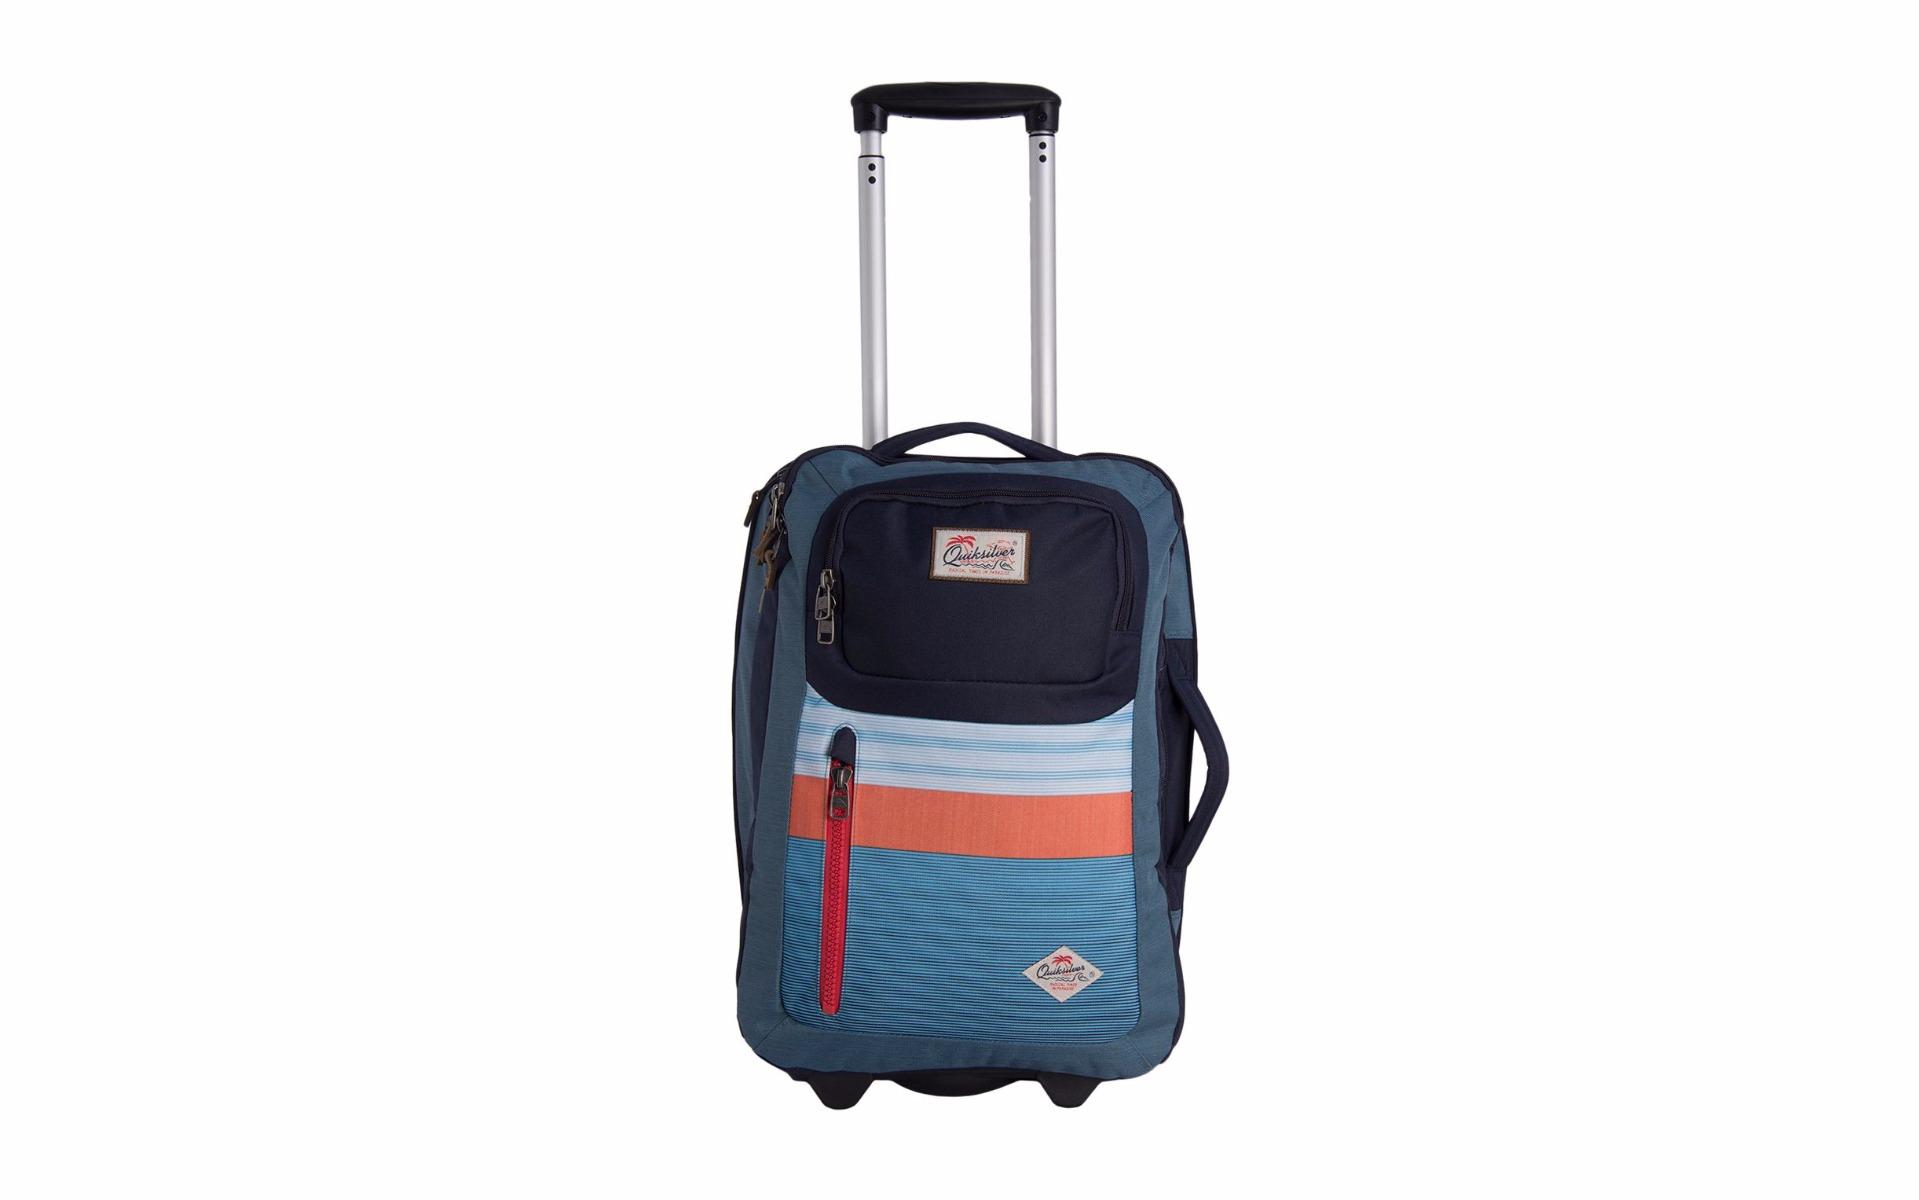 Quiksilver Horizon Luggage Multicolor